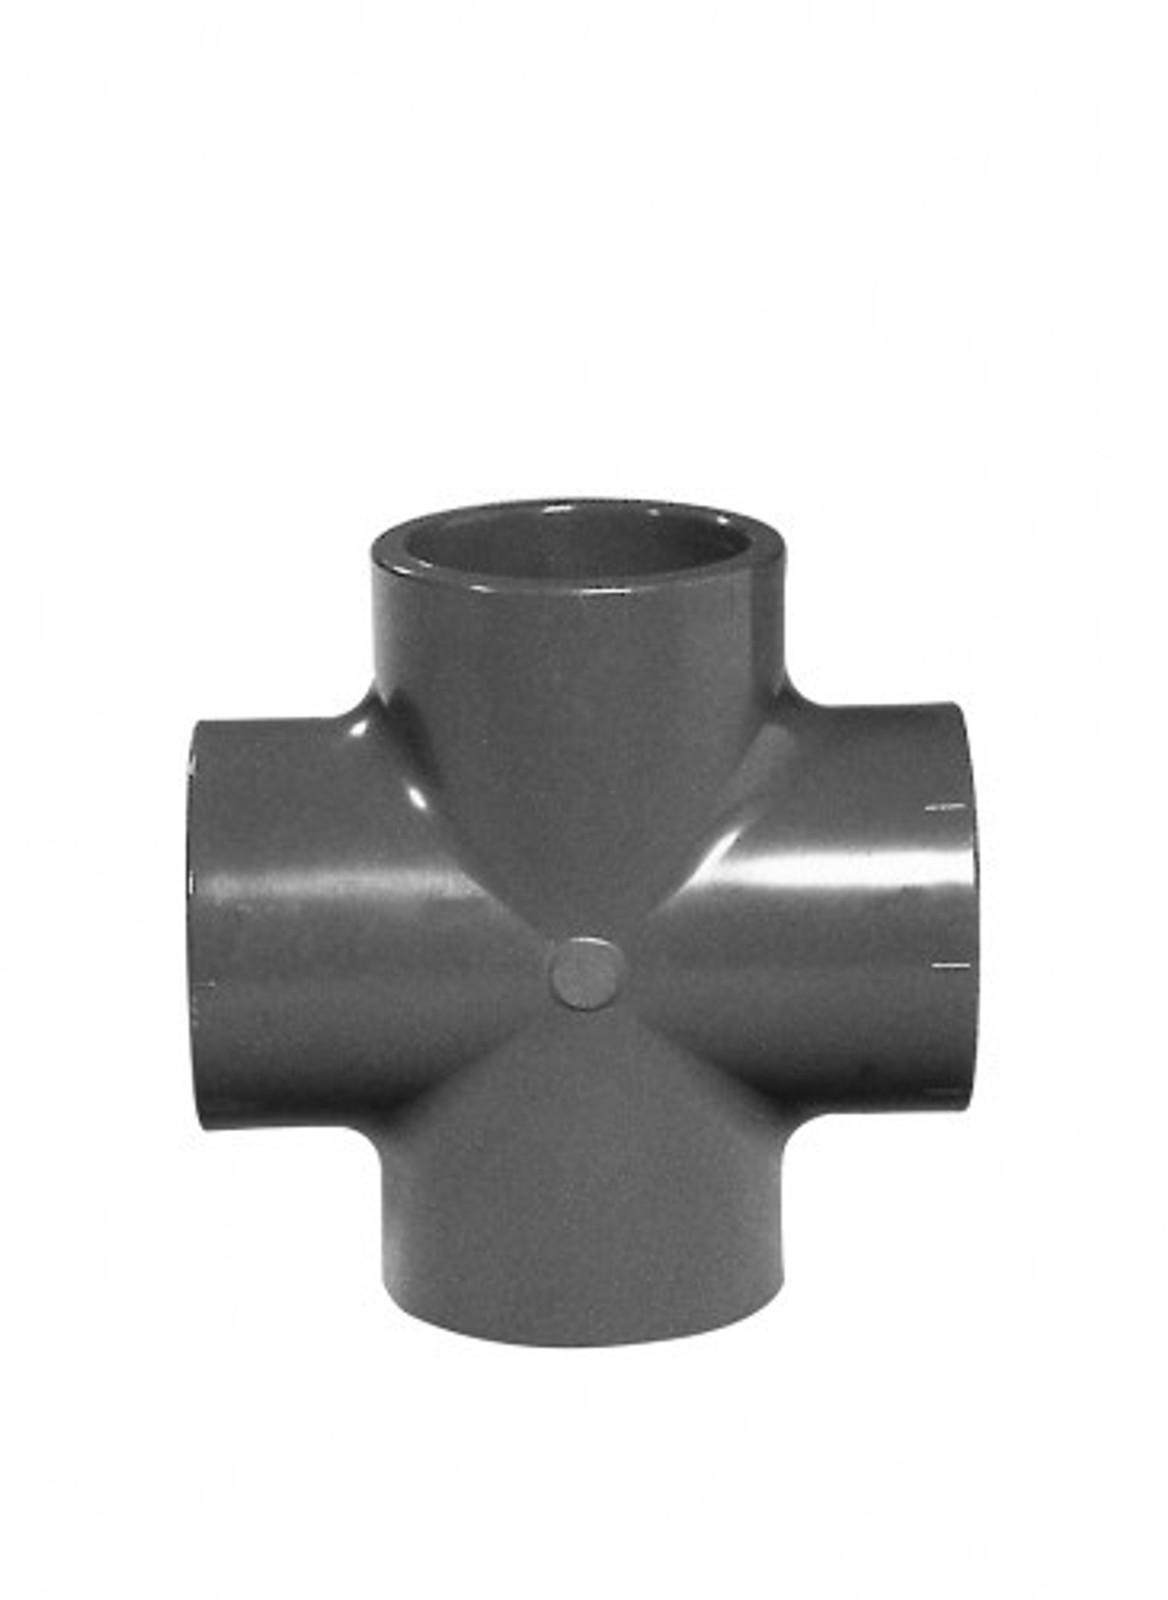 Kreuzstück 90°, 63 mm aus PVC